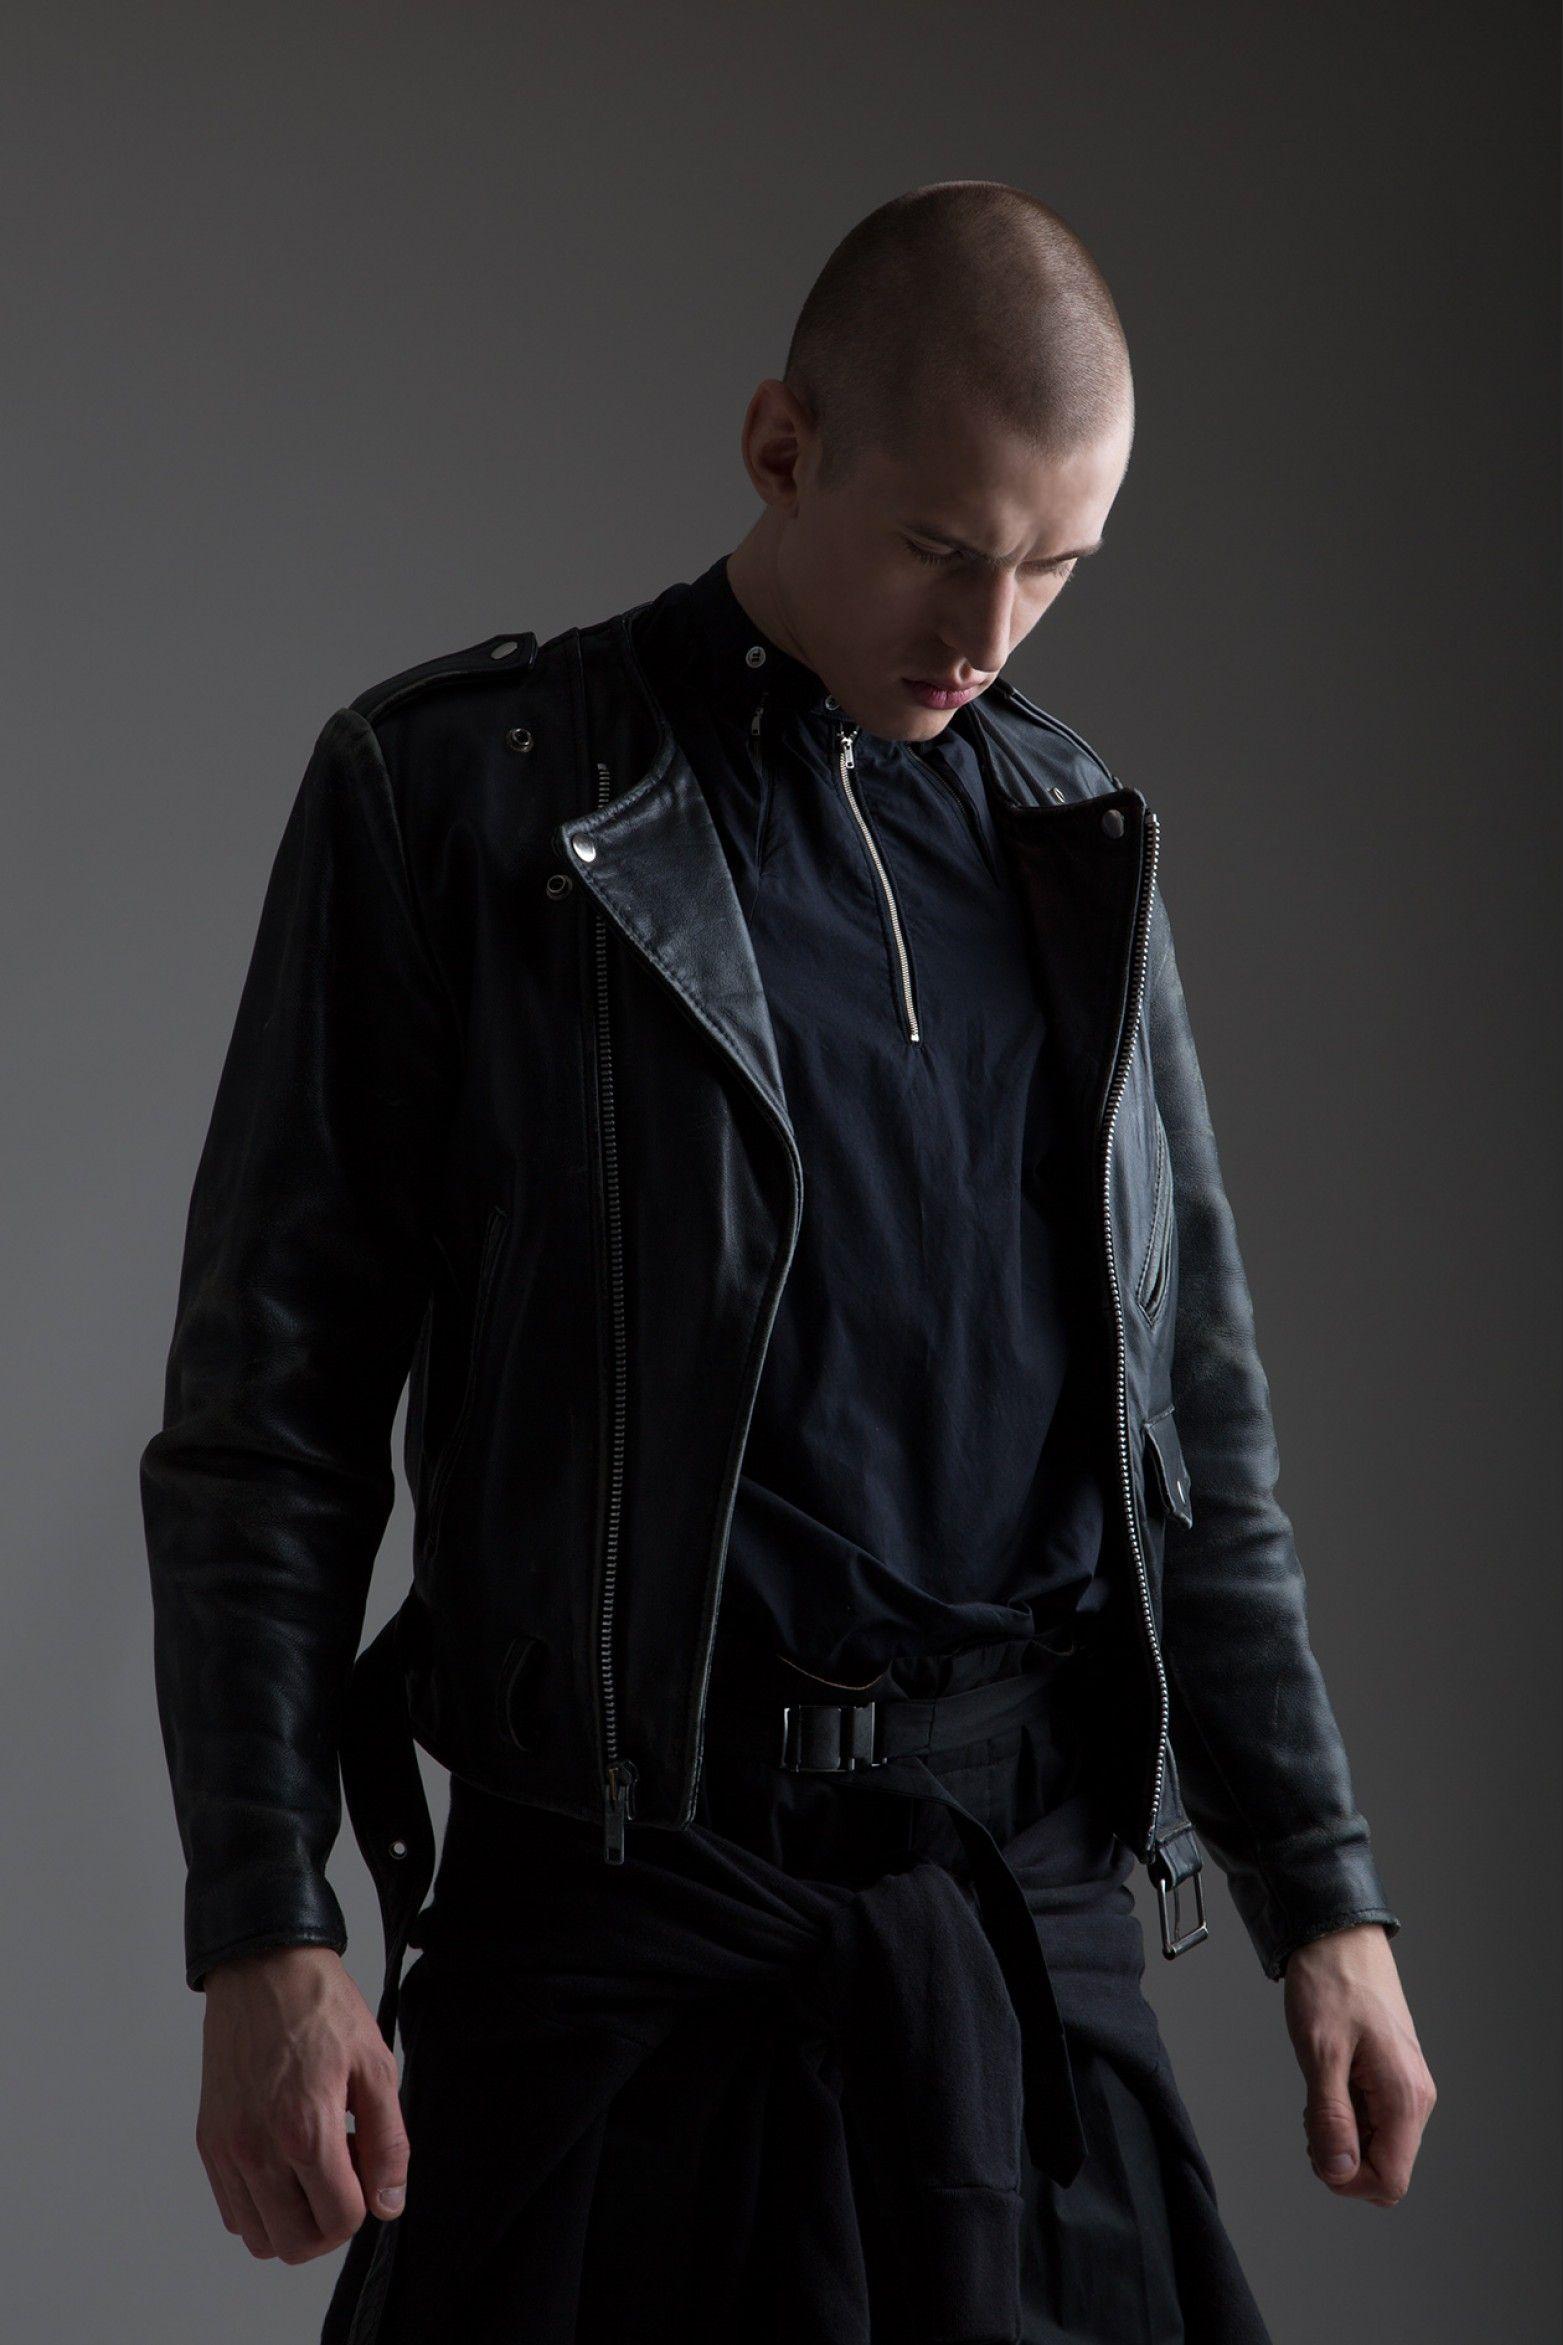 Vintage Distressed Black Leather Motorcycle Jacket Jk155 Black Leather Motorcycle Jacket Vintage Leather Motorcycle Jacket Leather Motorcycle Jacket [ 2345 x 1563 Pixel ]